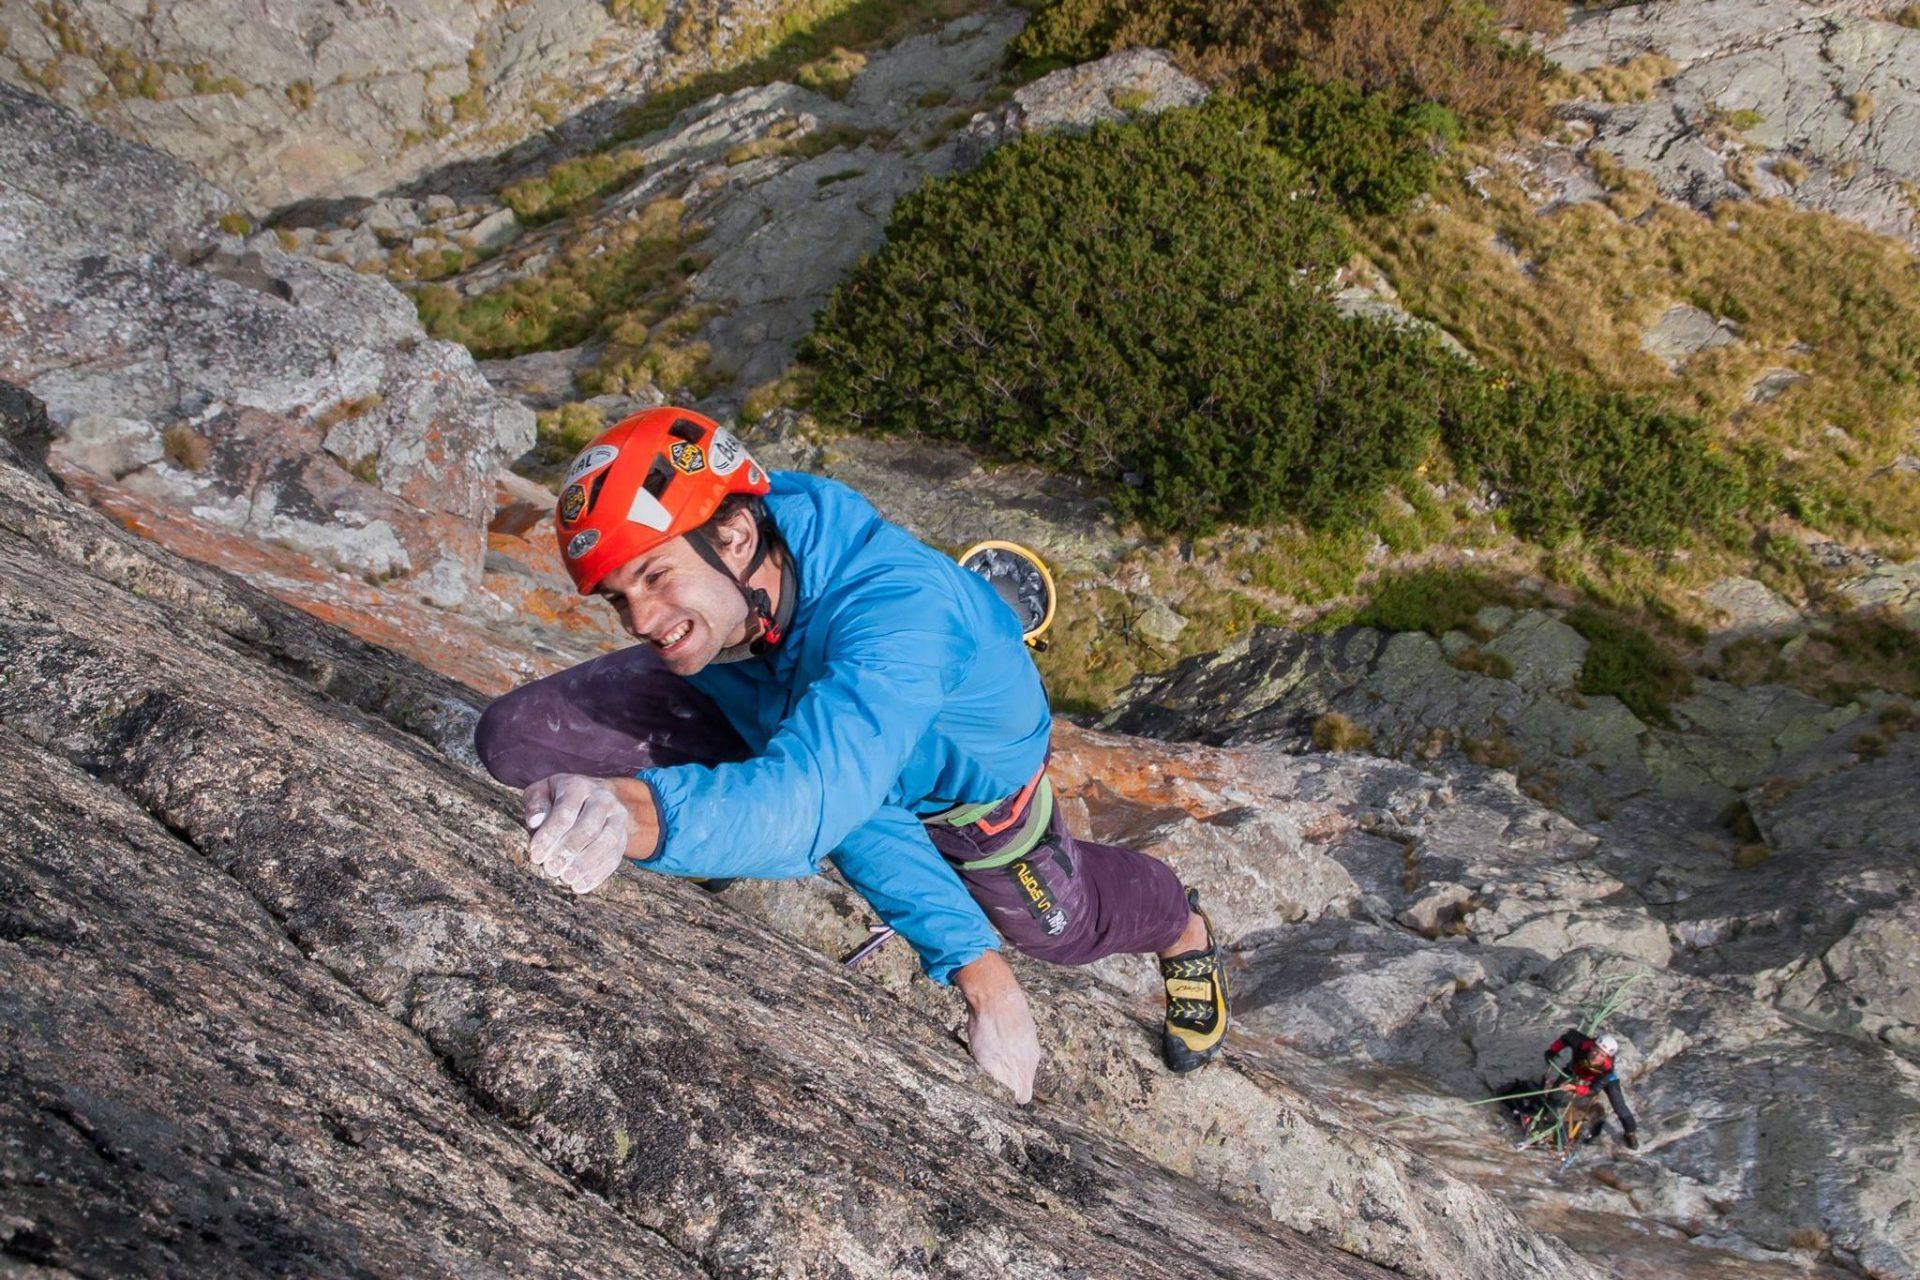 Špička slovenského lezectva Jozef Krištoffy: Lezenie je pre mňa štýl života, v horách som sa našiel